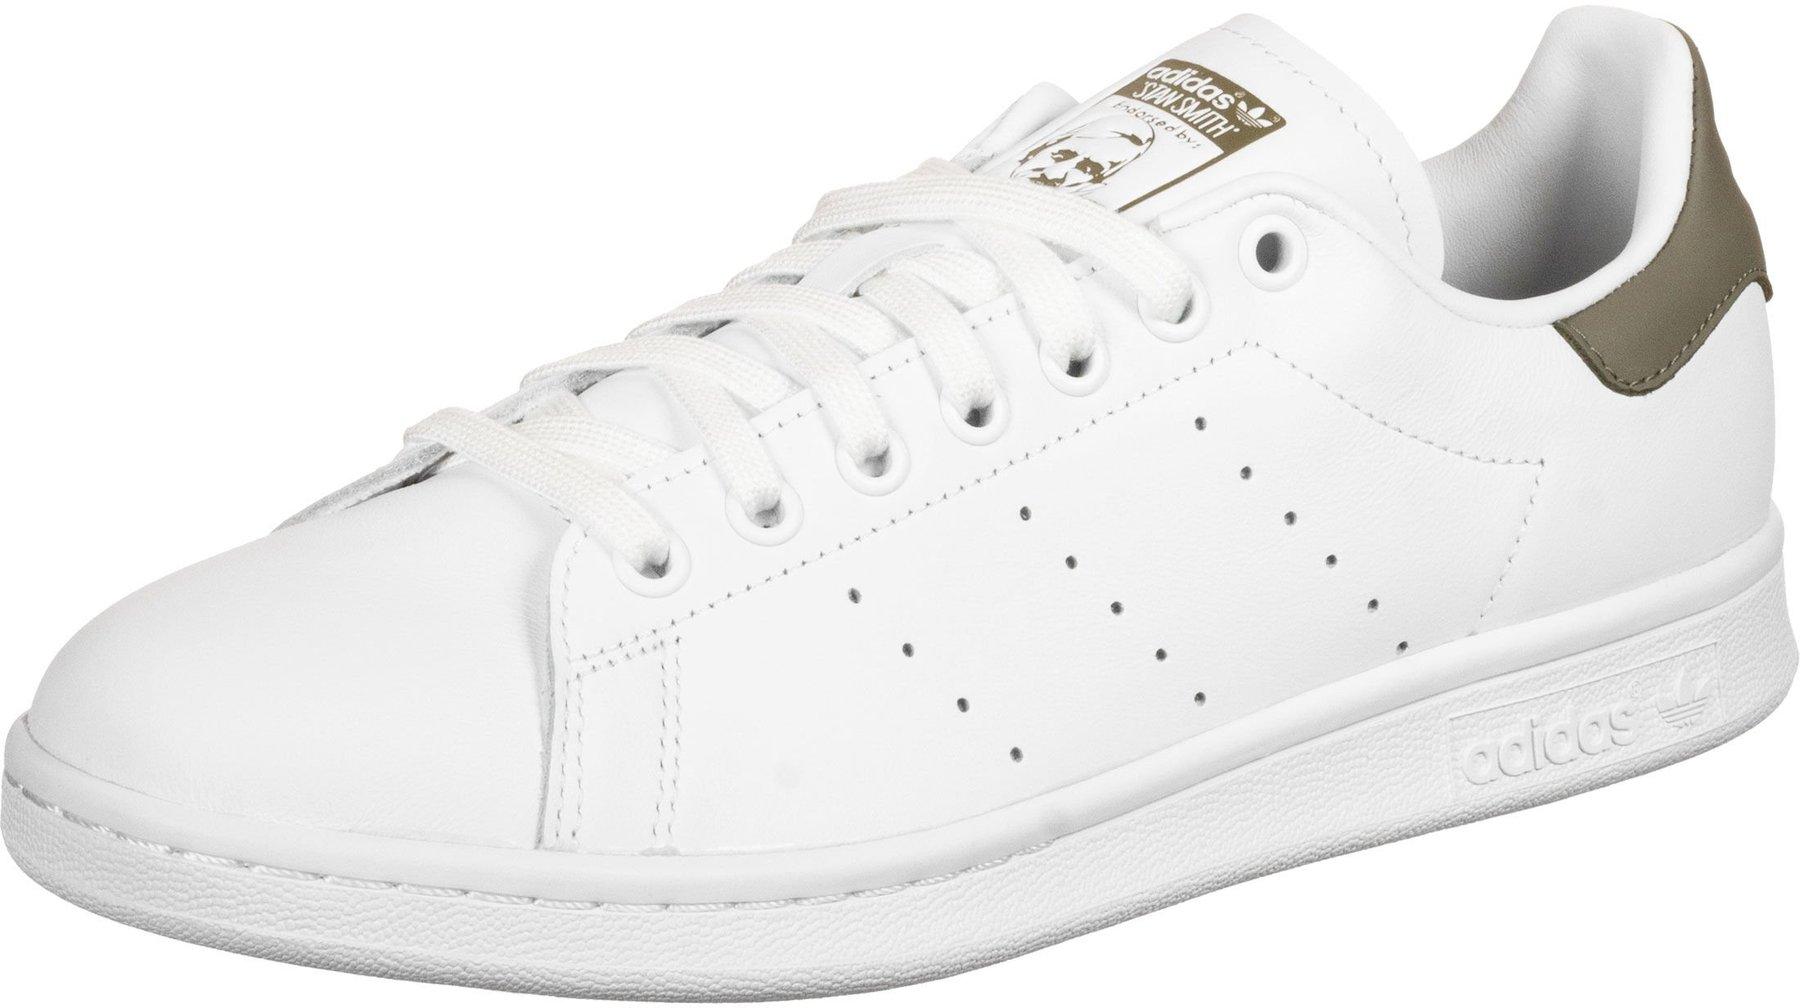 Adidas Stan Smith ab 32,99 € günstig im Preisvergleich kaufen